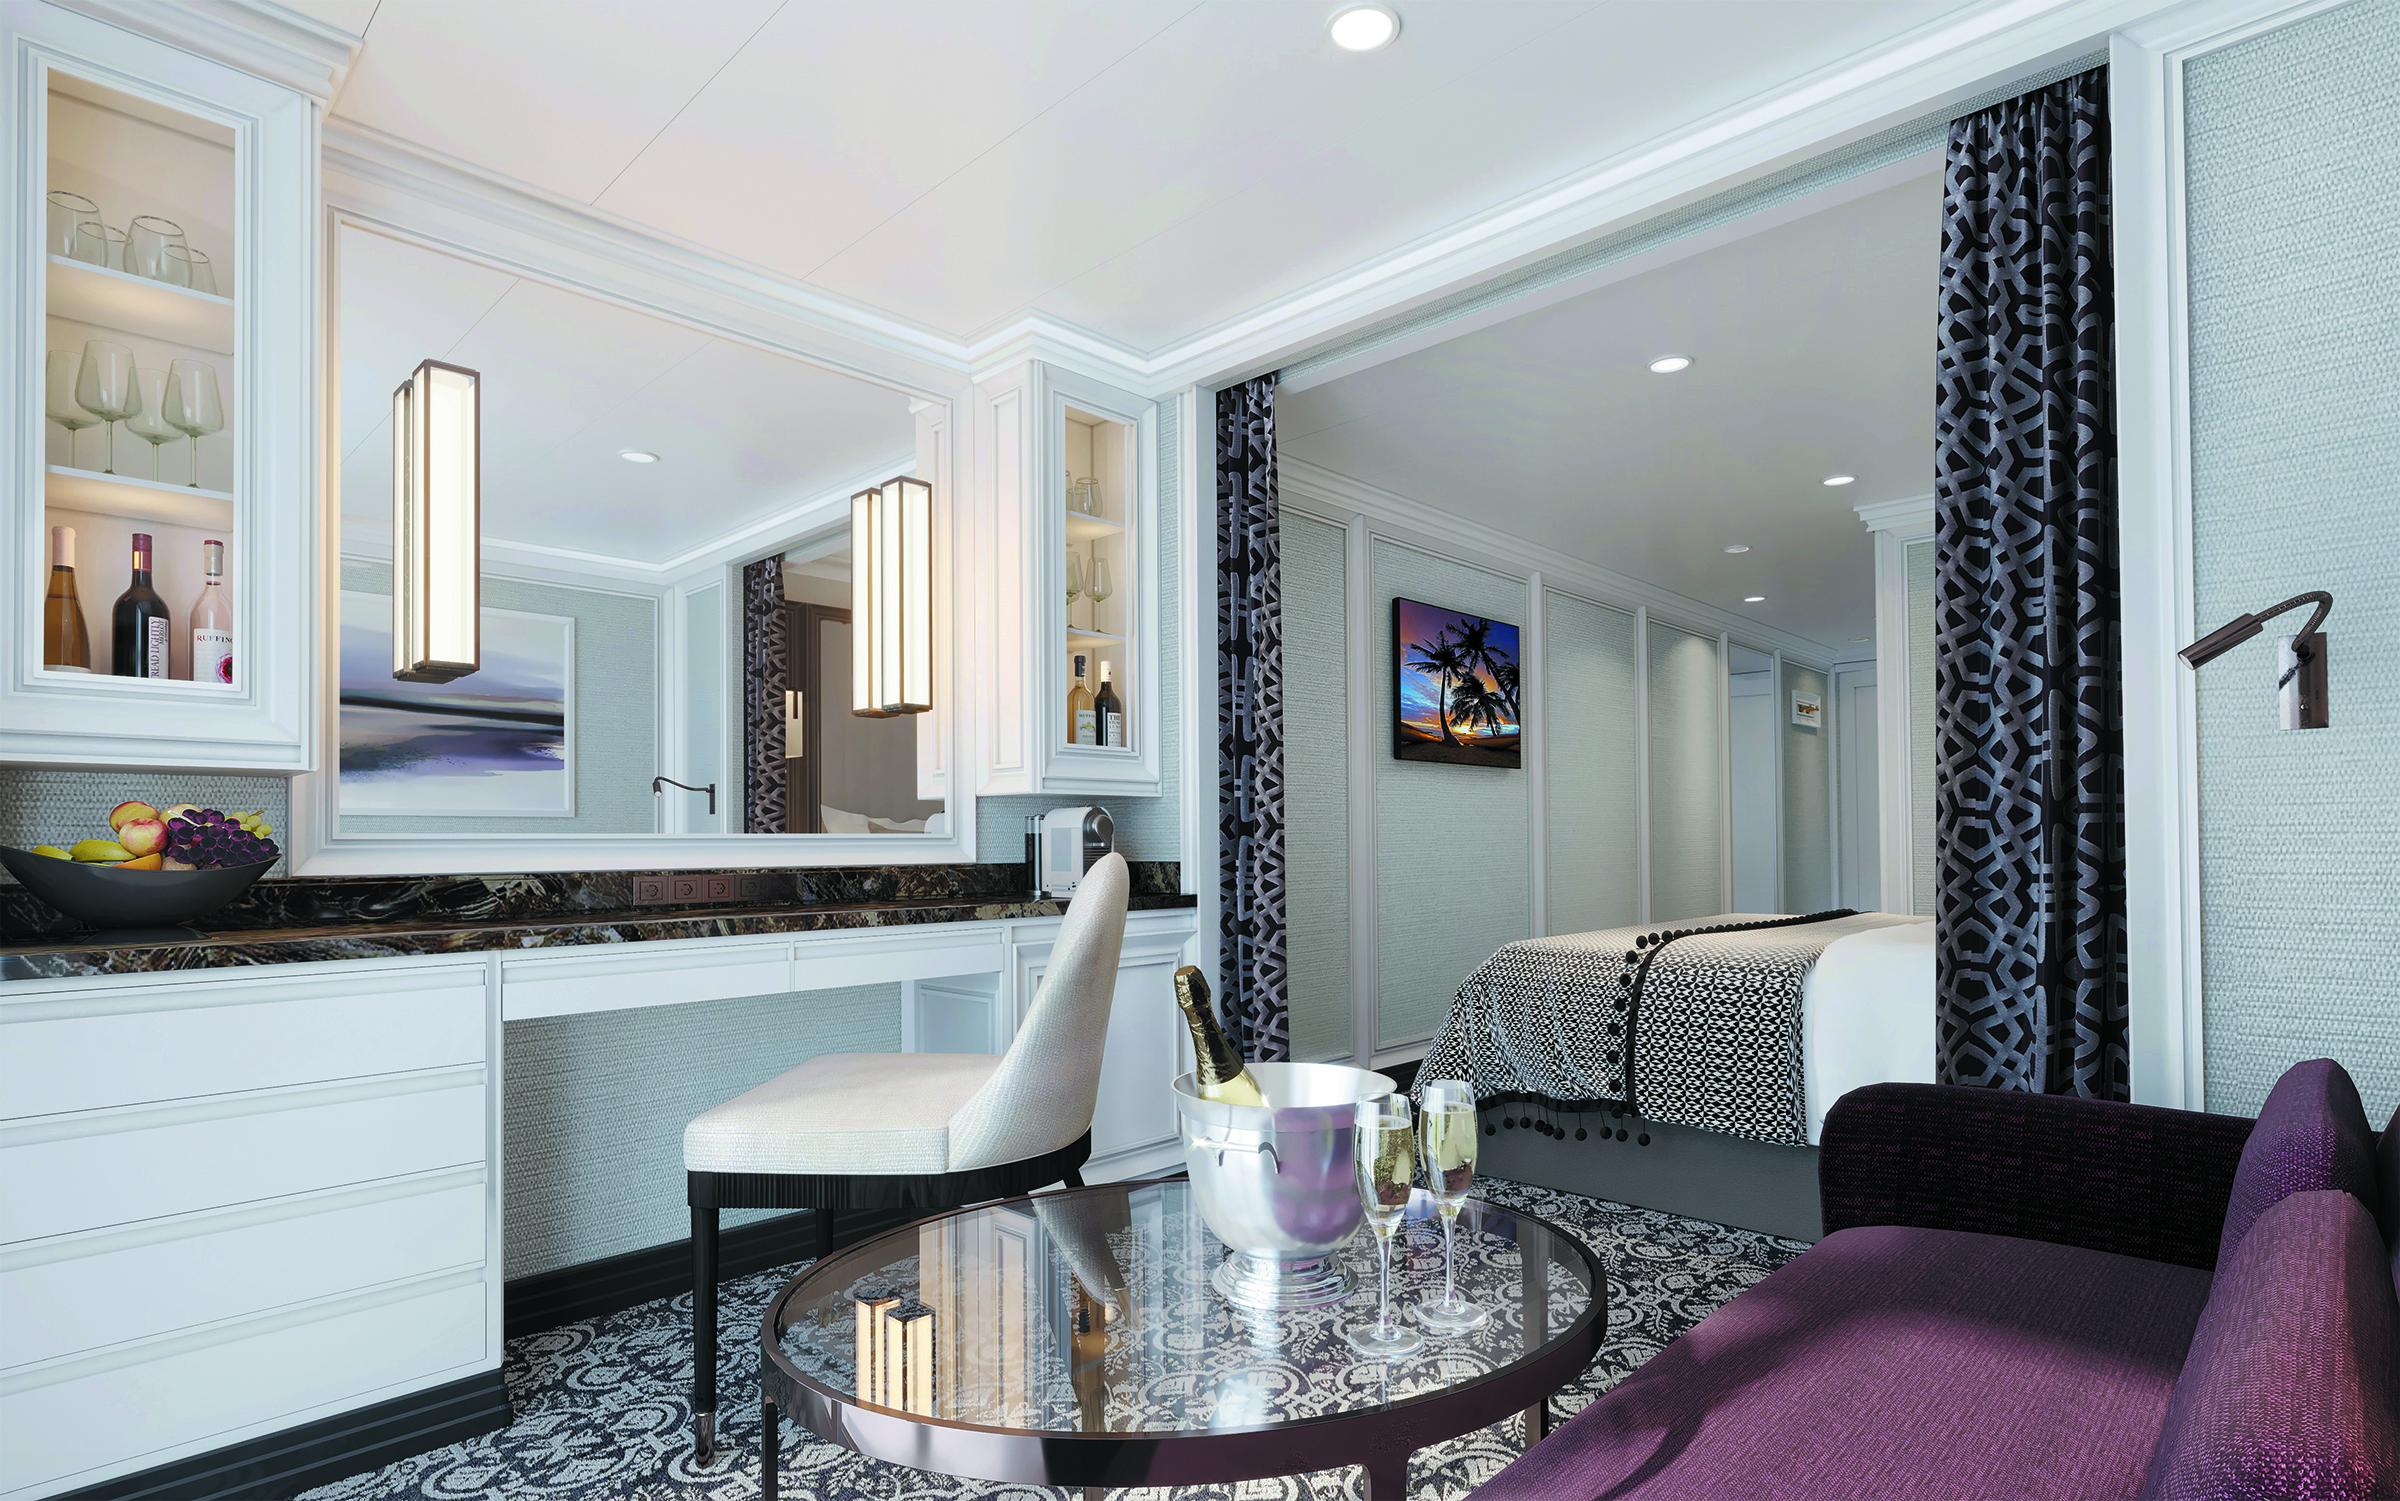 SPL Deluxe & Veranda Suites - View 2